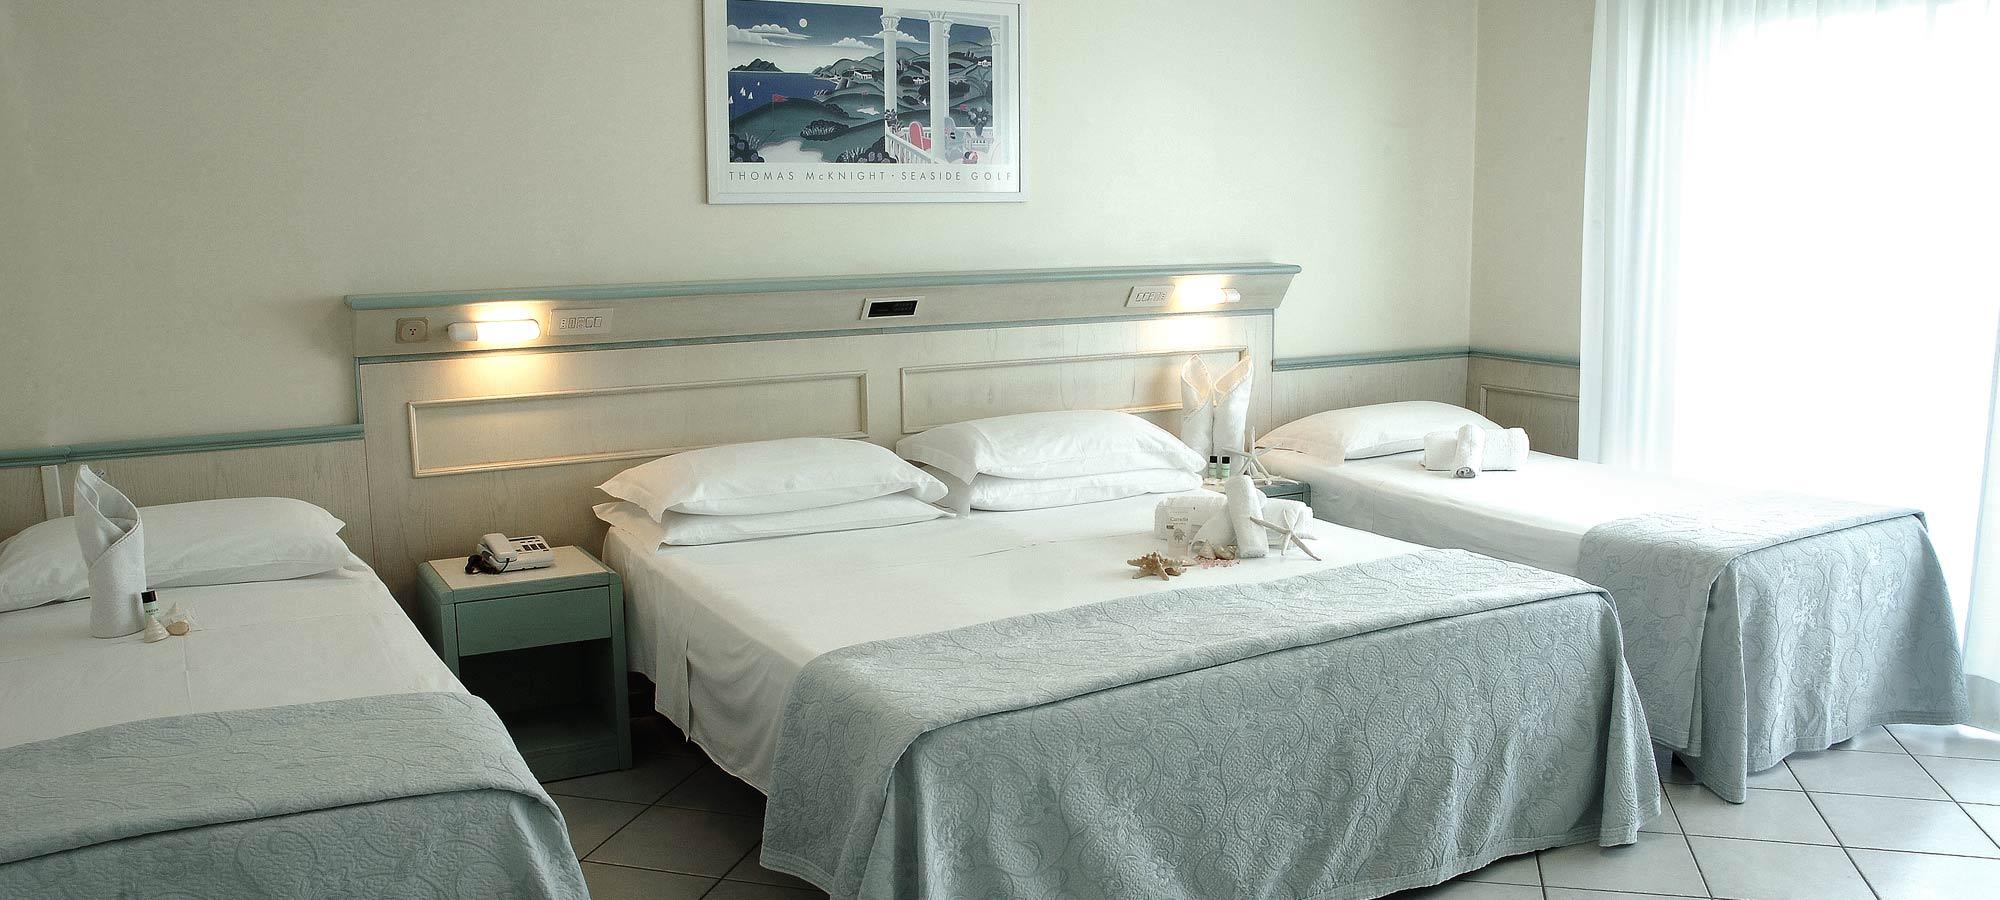 Hotel a riccione con camere vista mare hotel arizona - Alberghi con camere a tema ...